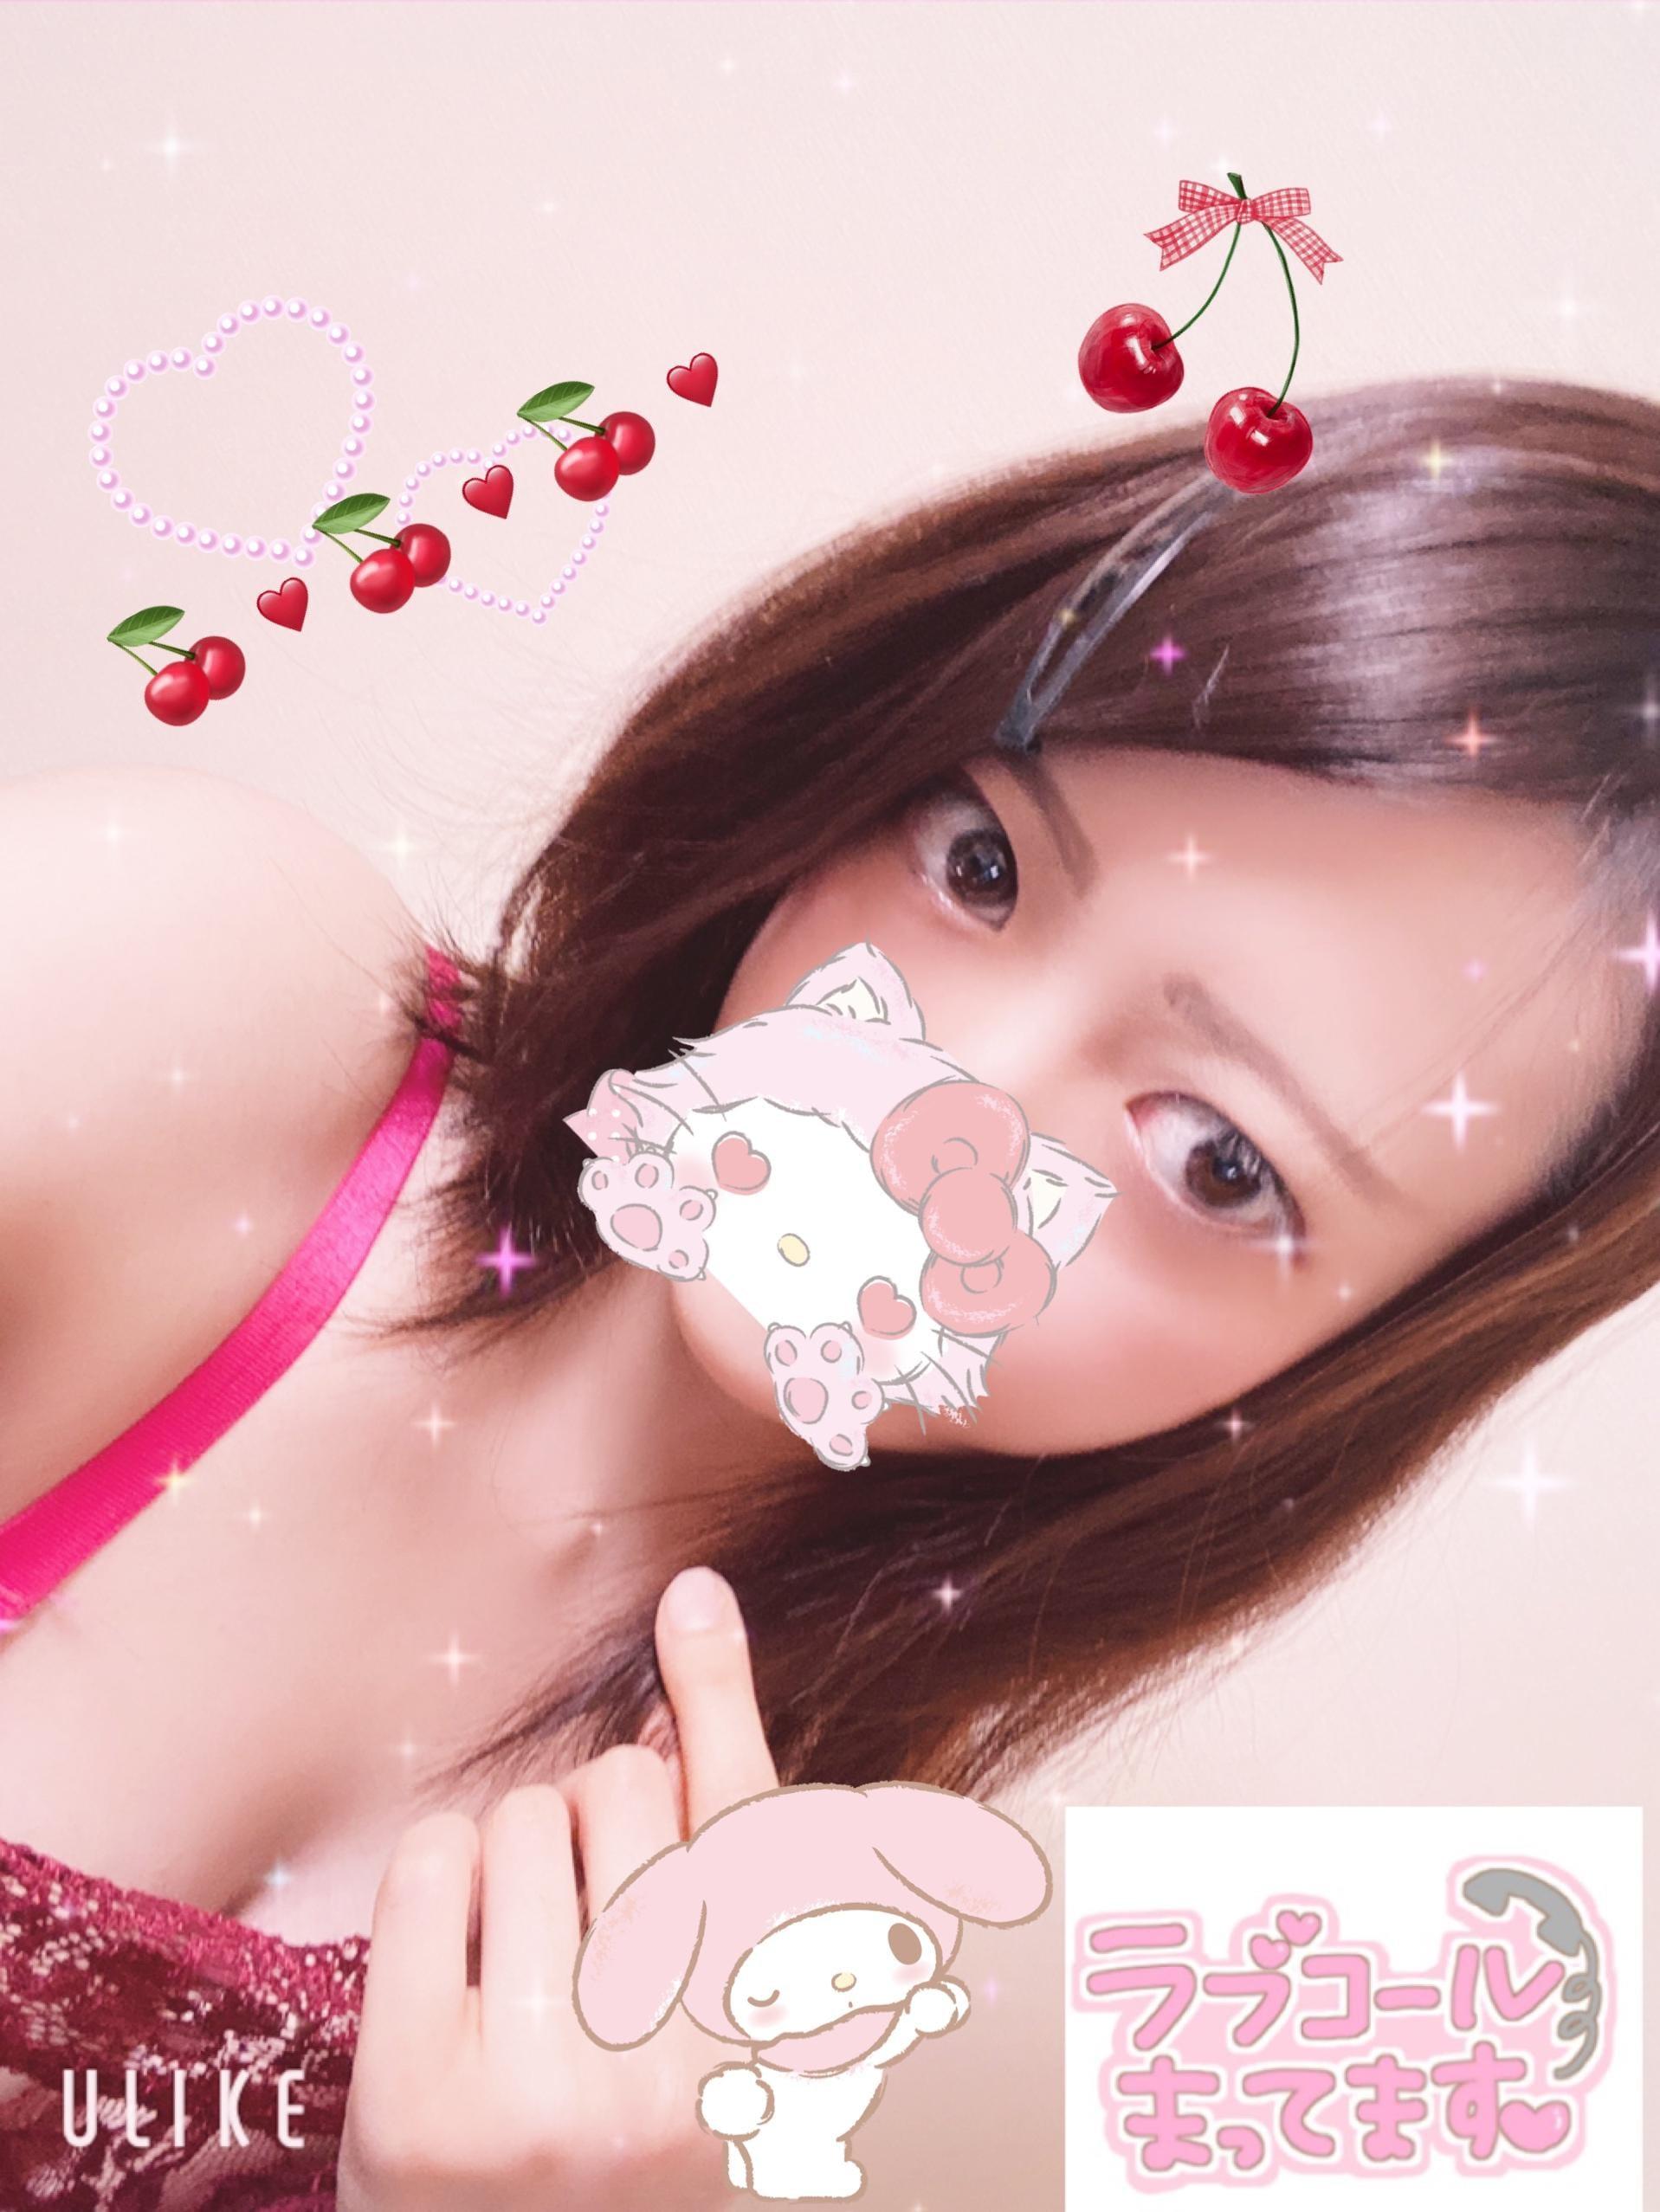 「今日もよろしくお願いします」02/08(02/08) 13:08 | えりかの写メ・風俗動画